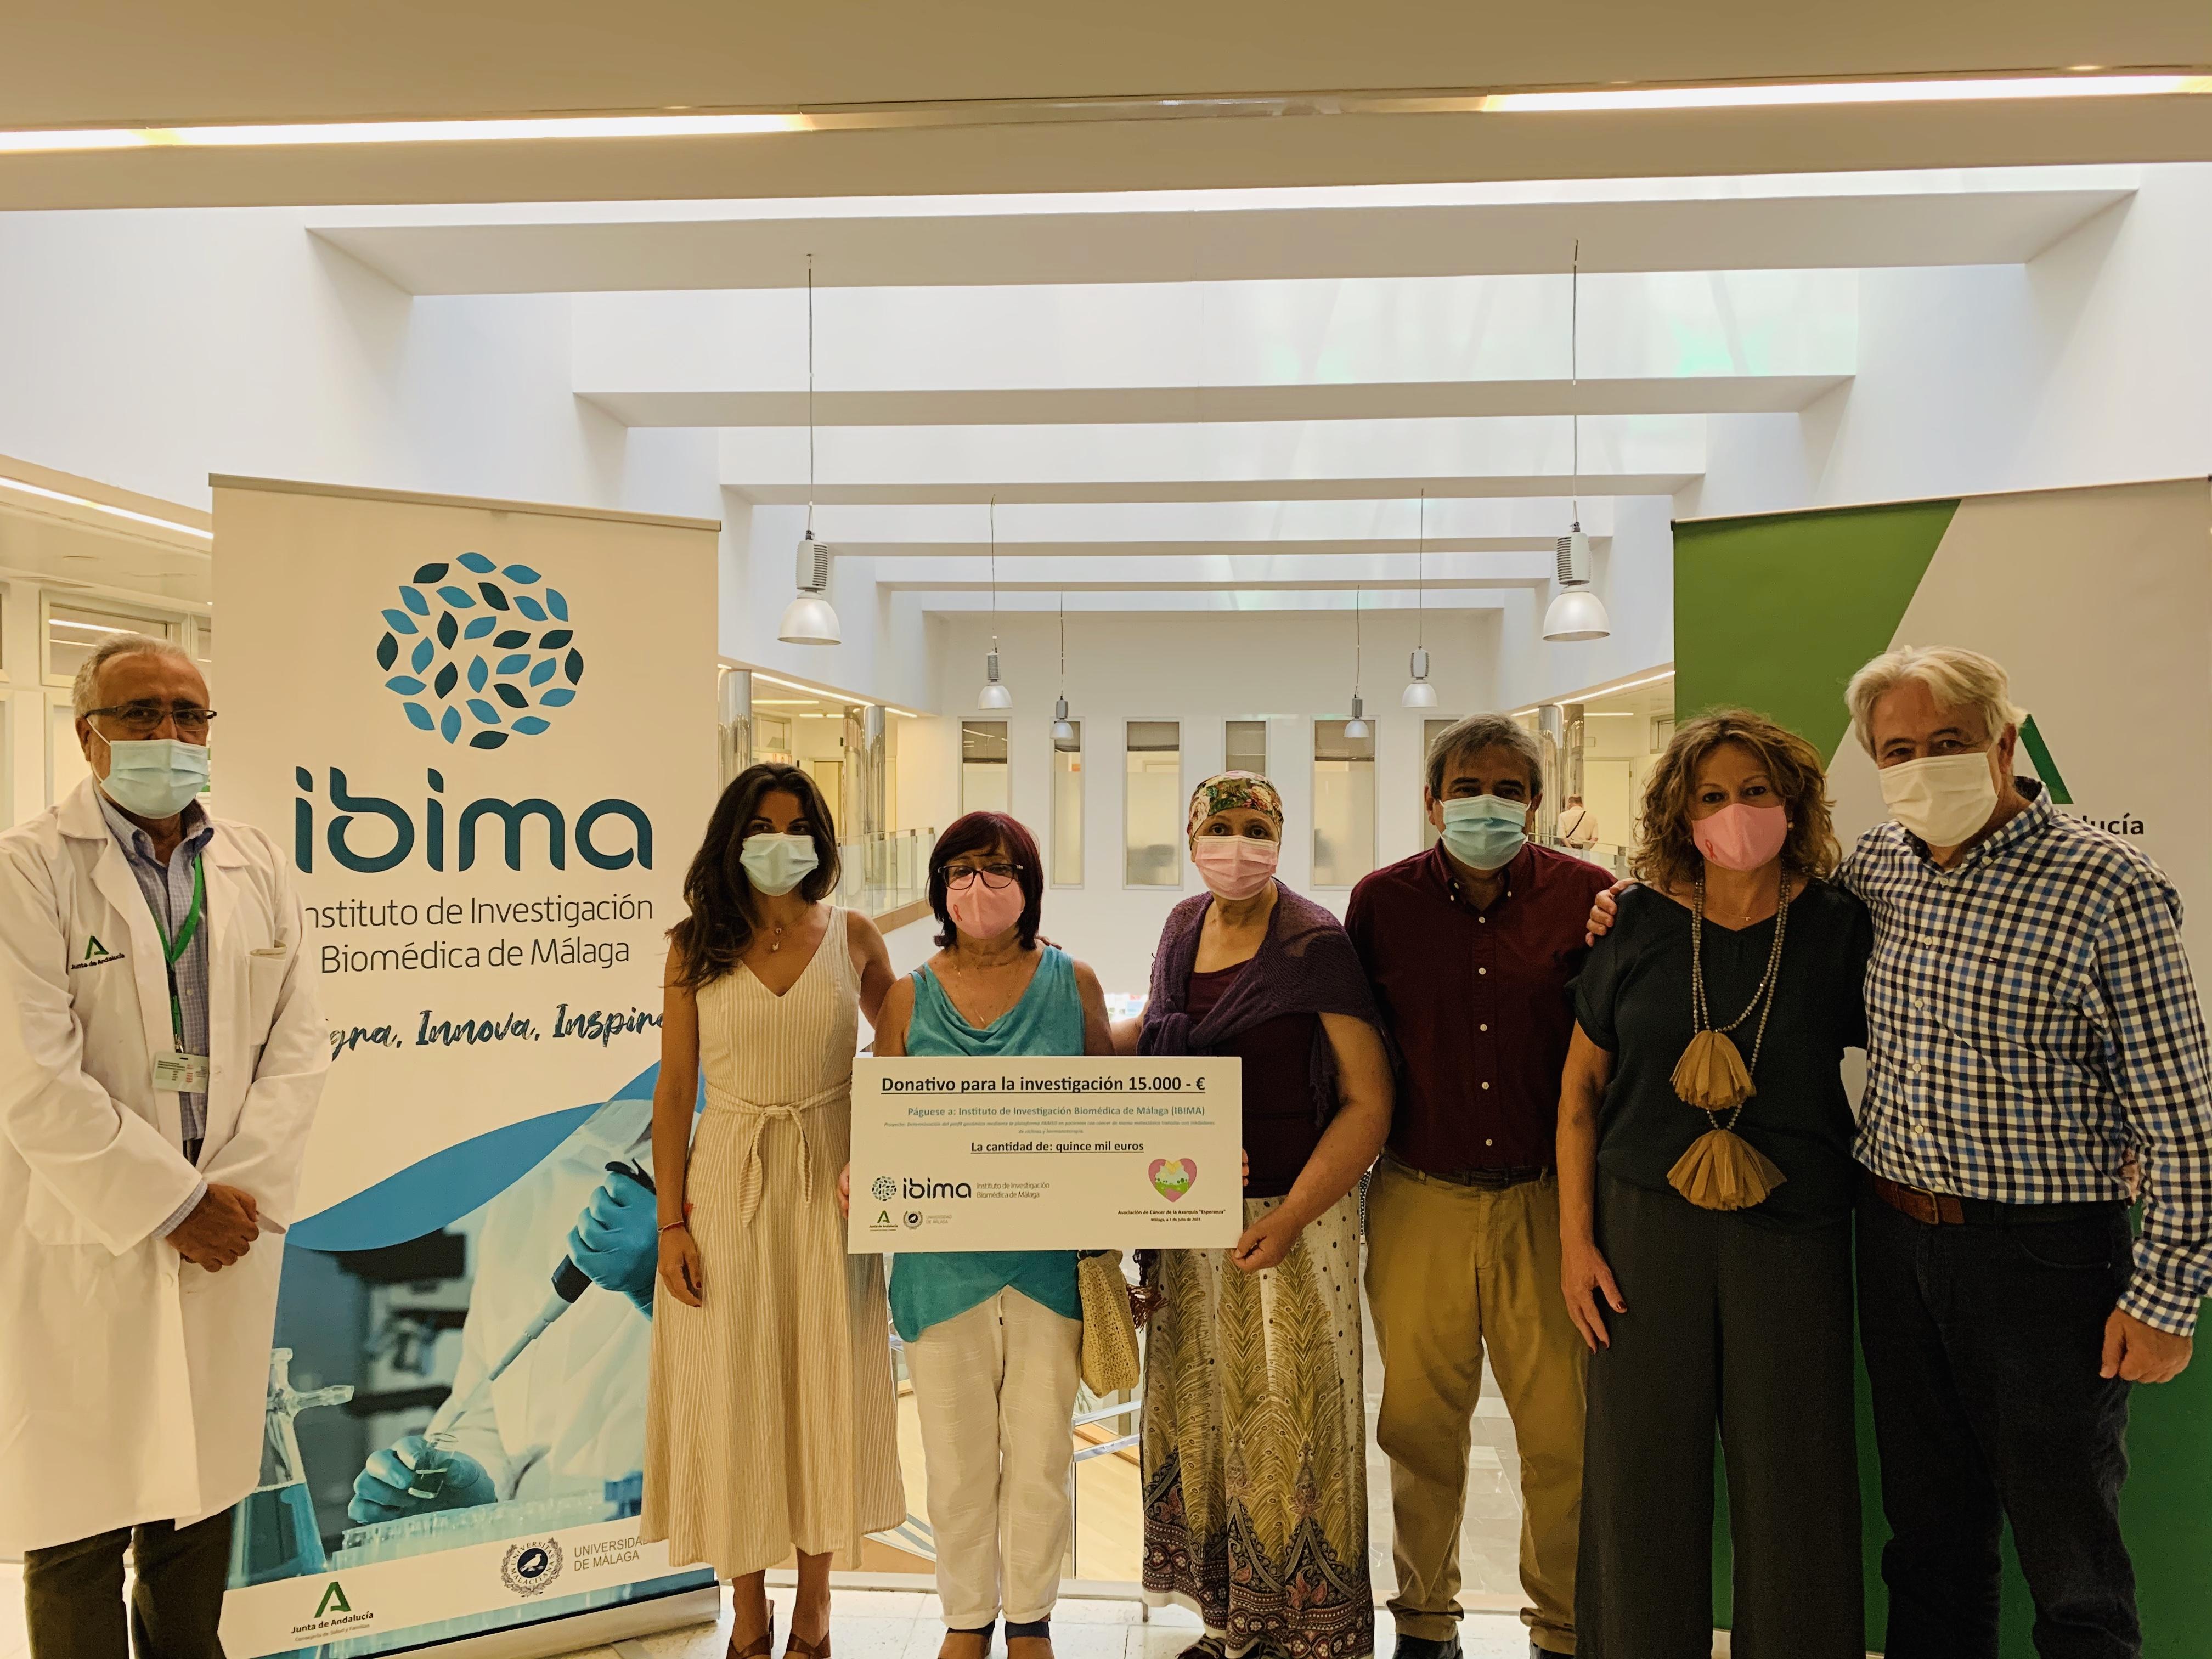 La Asociación 'Esperanza' dona a IBIMA 15.000 euros para la investigación del cáncer de mama metastásico